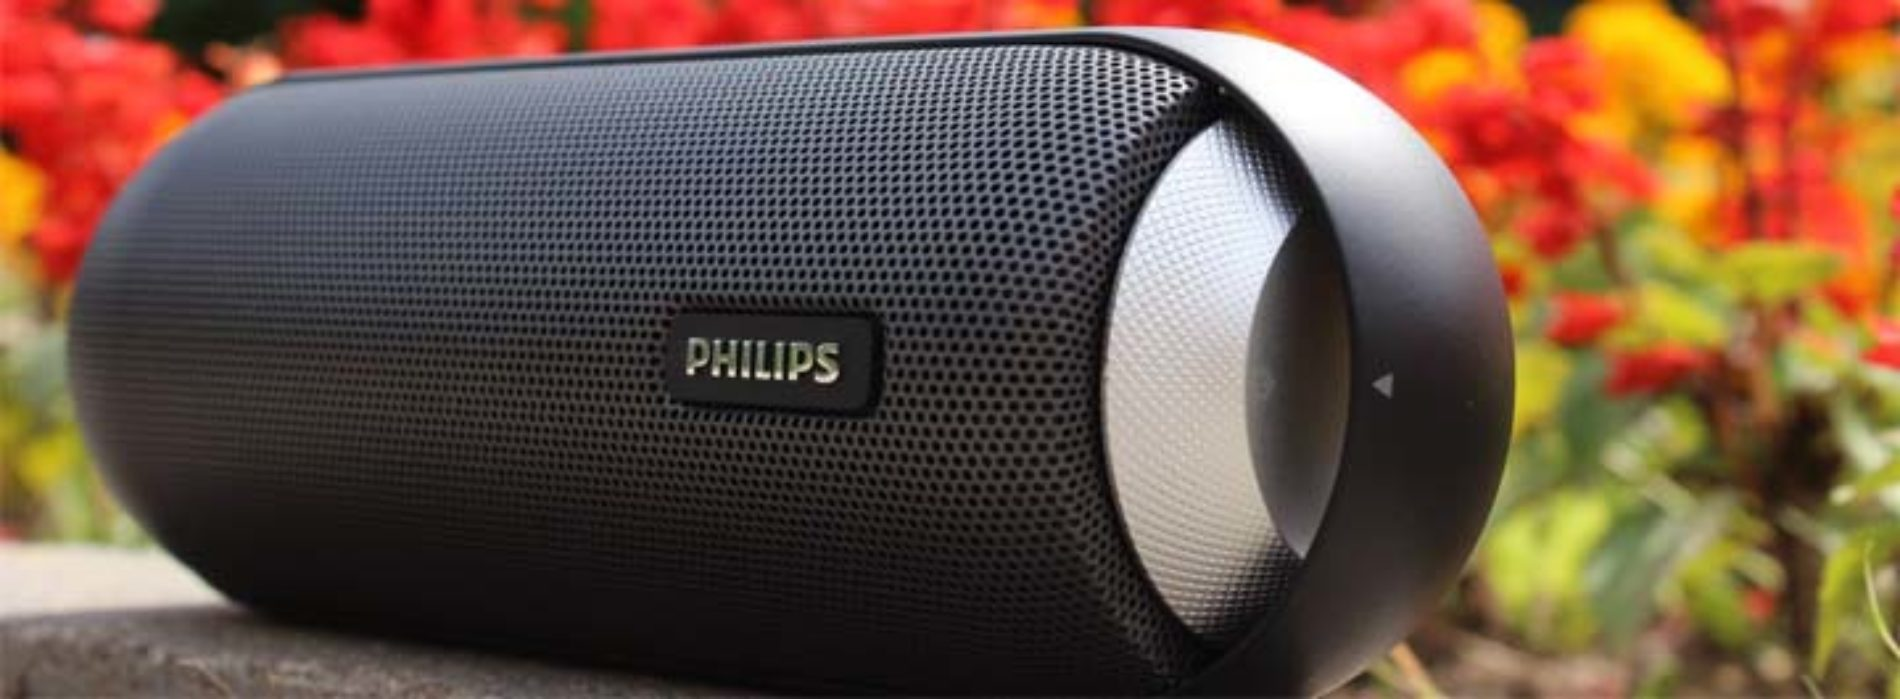 Ремонт портативных колонок Philips